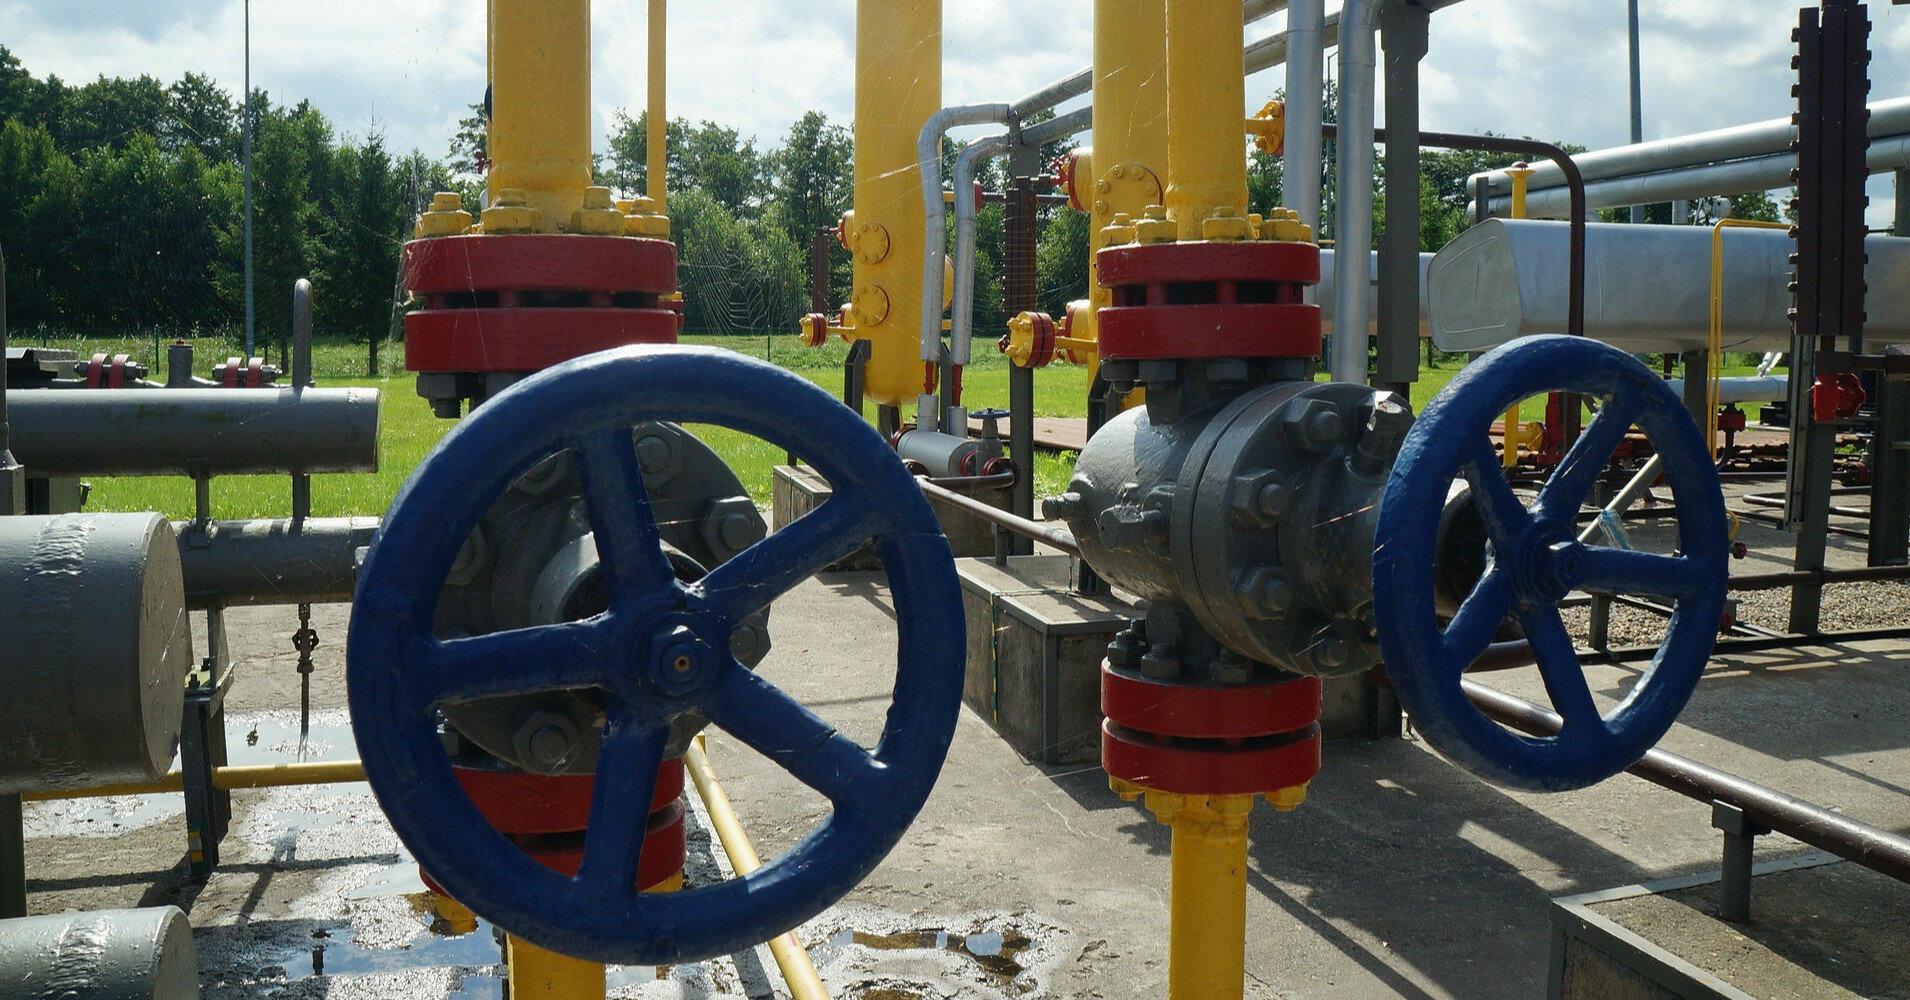 Закарпатгаз выявил сотни незаконных вмешательств в систему газоснабжения